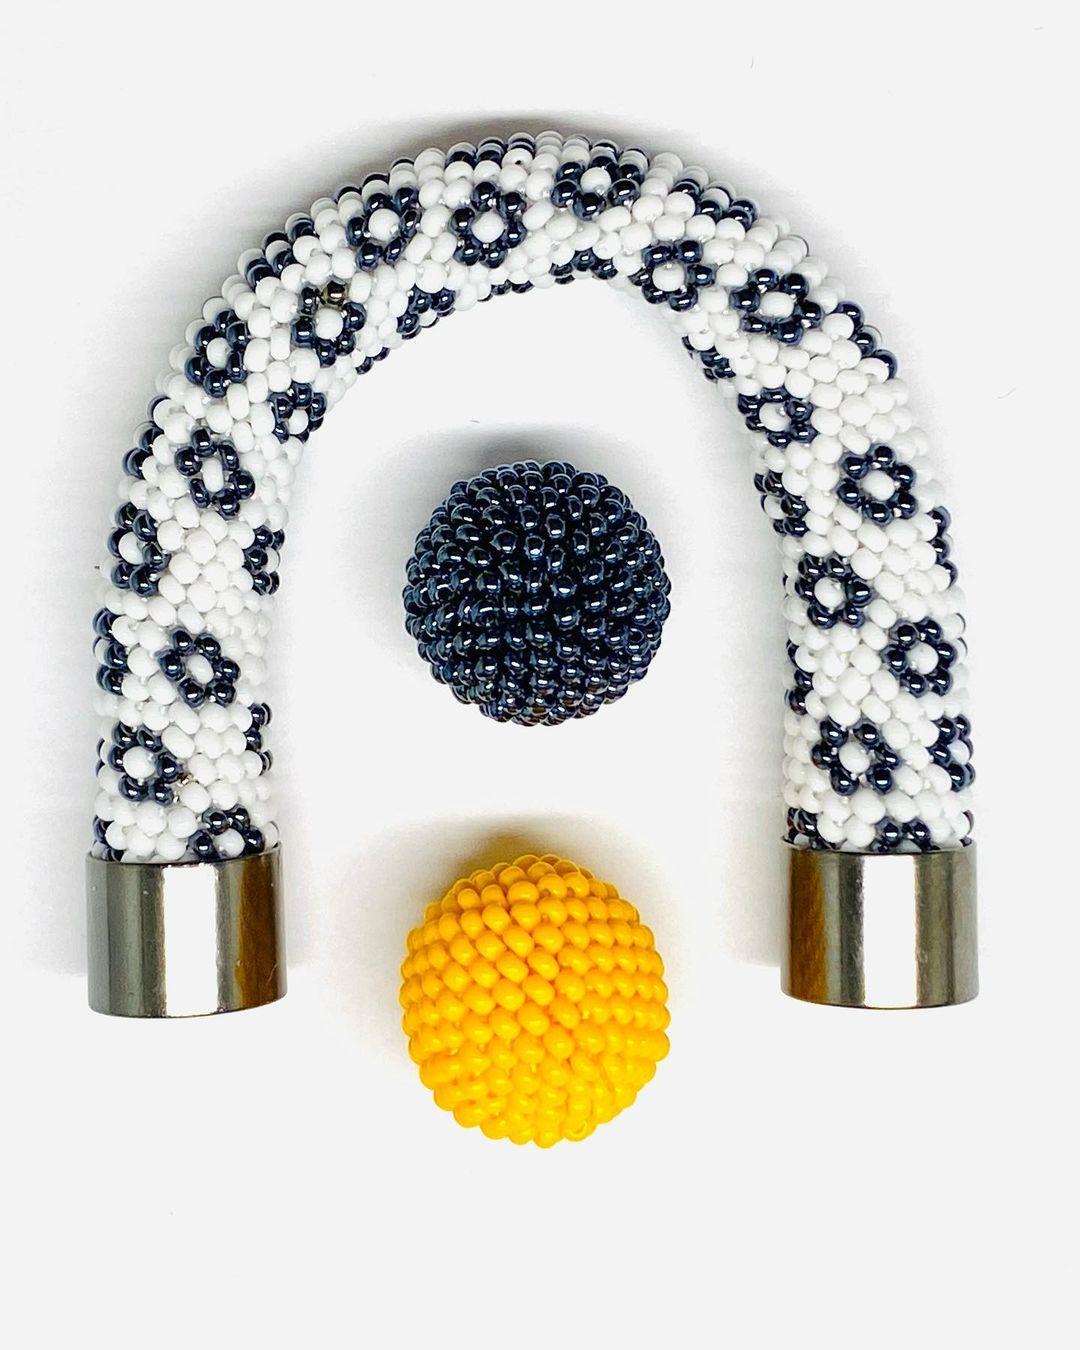 bead crochet balls and bracelet